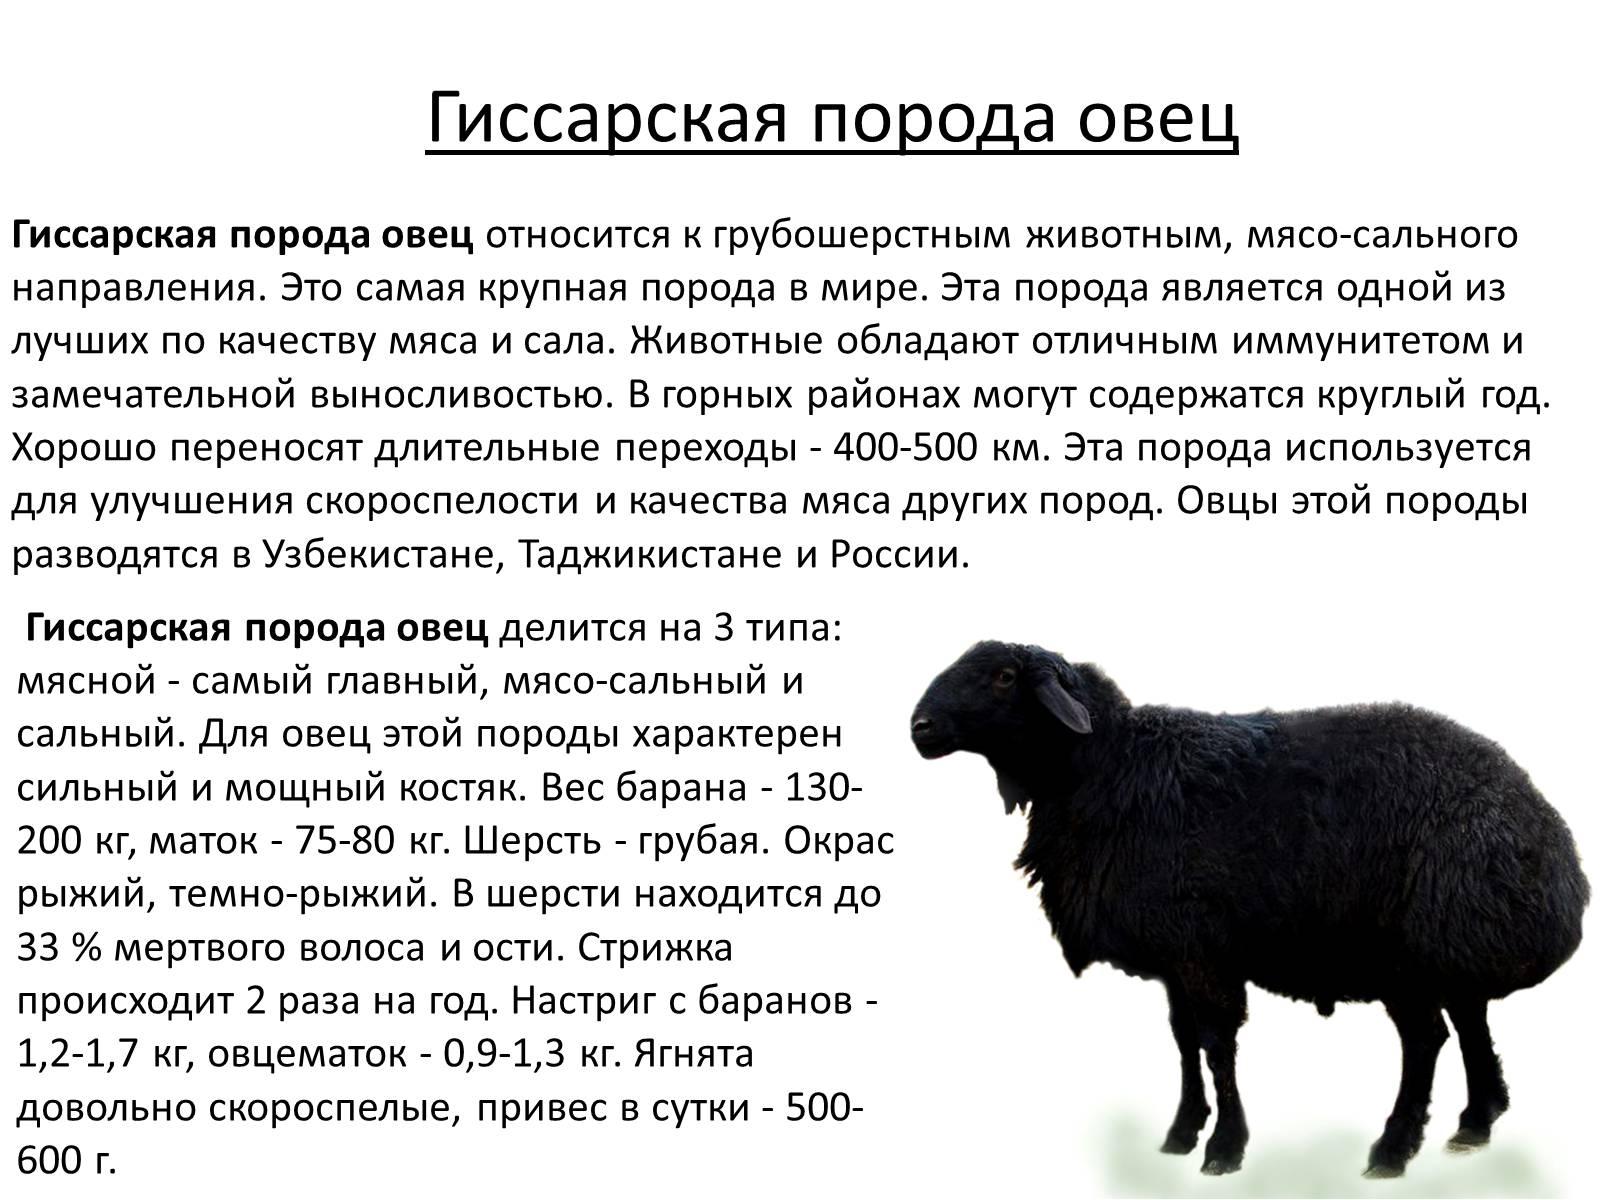 Курдючный баран и овца: описание и разведение